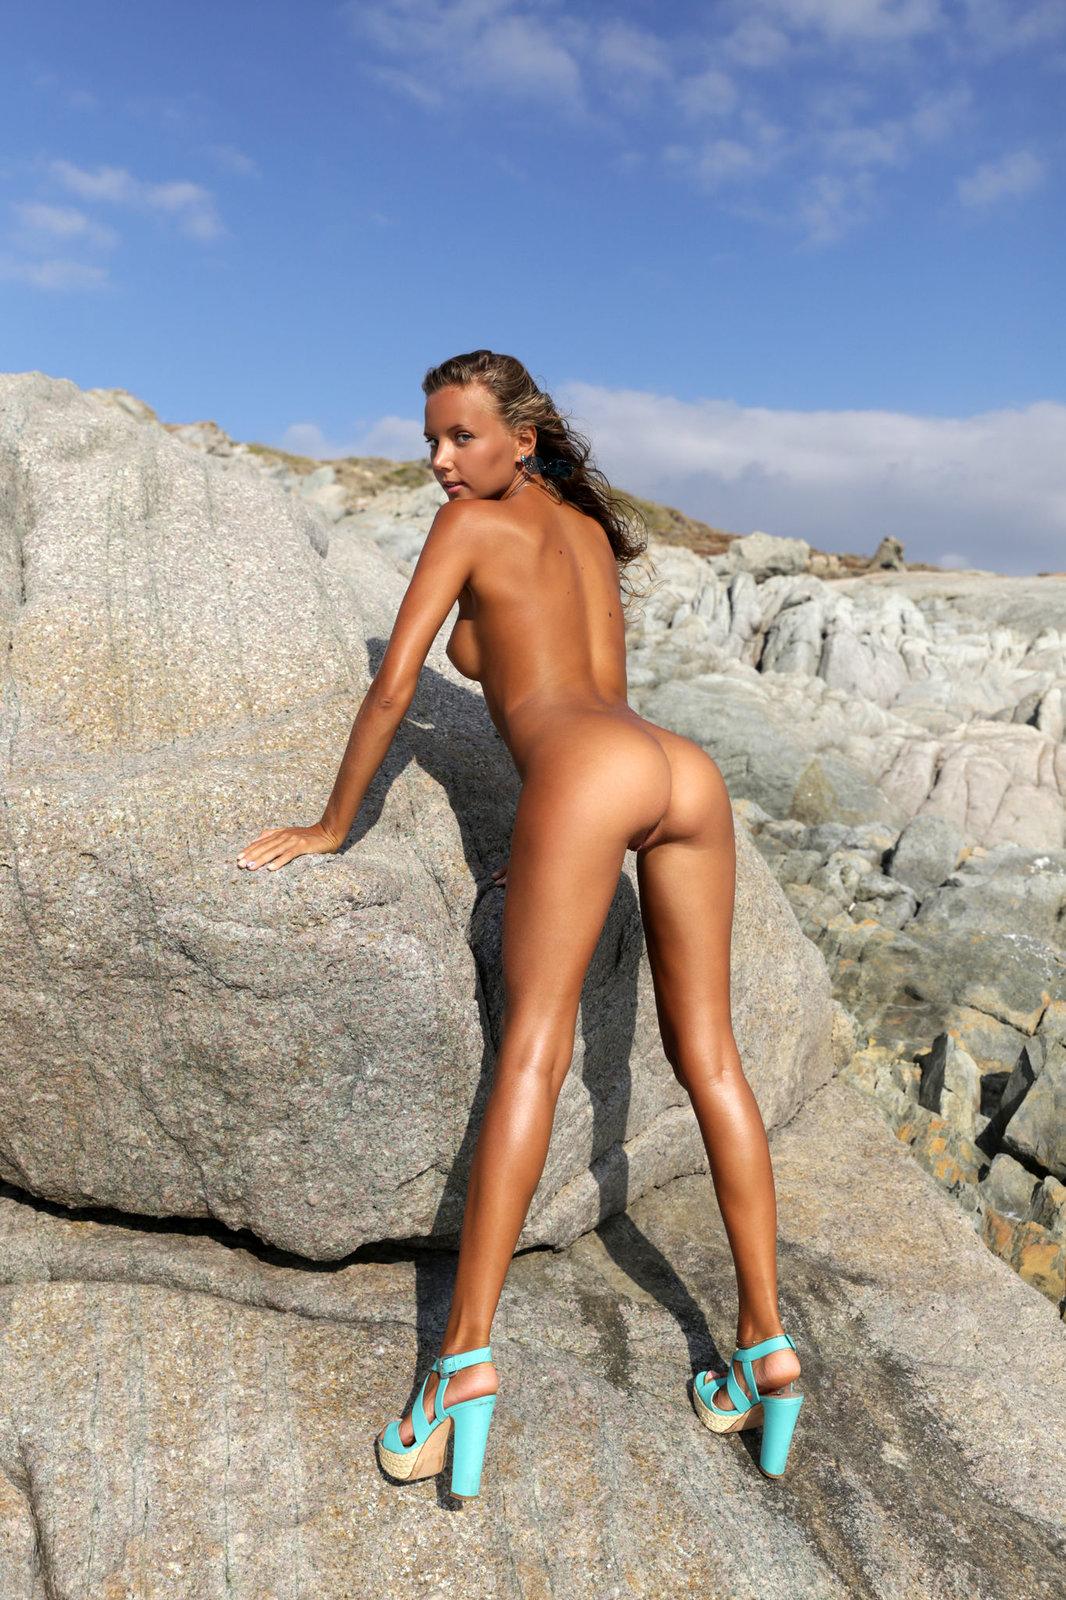 Mango A in Hattie by Met-Art (16 photos) | Erotic Beauties